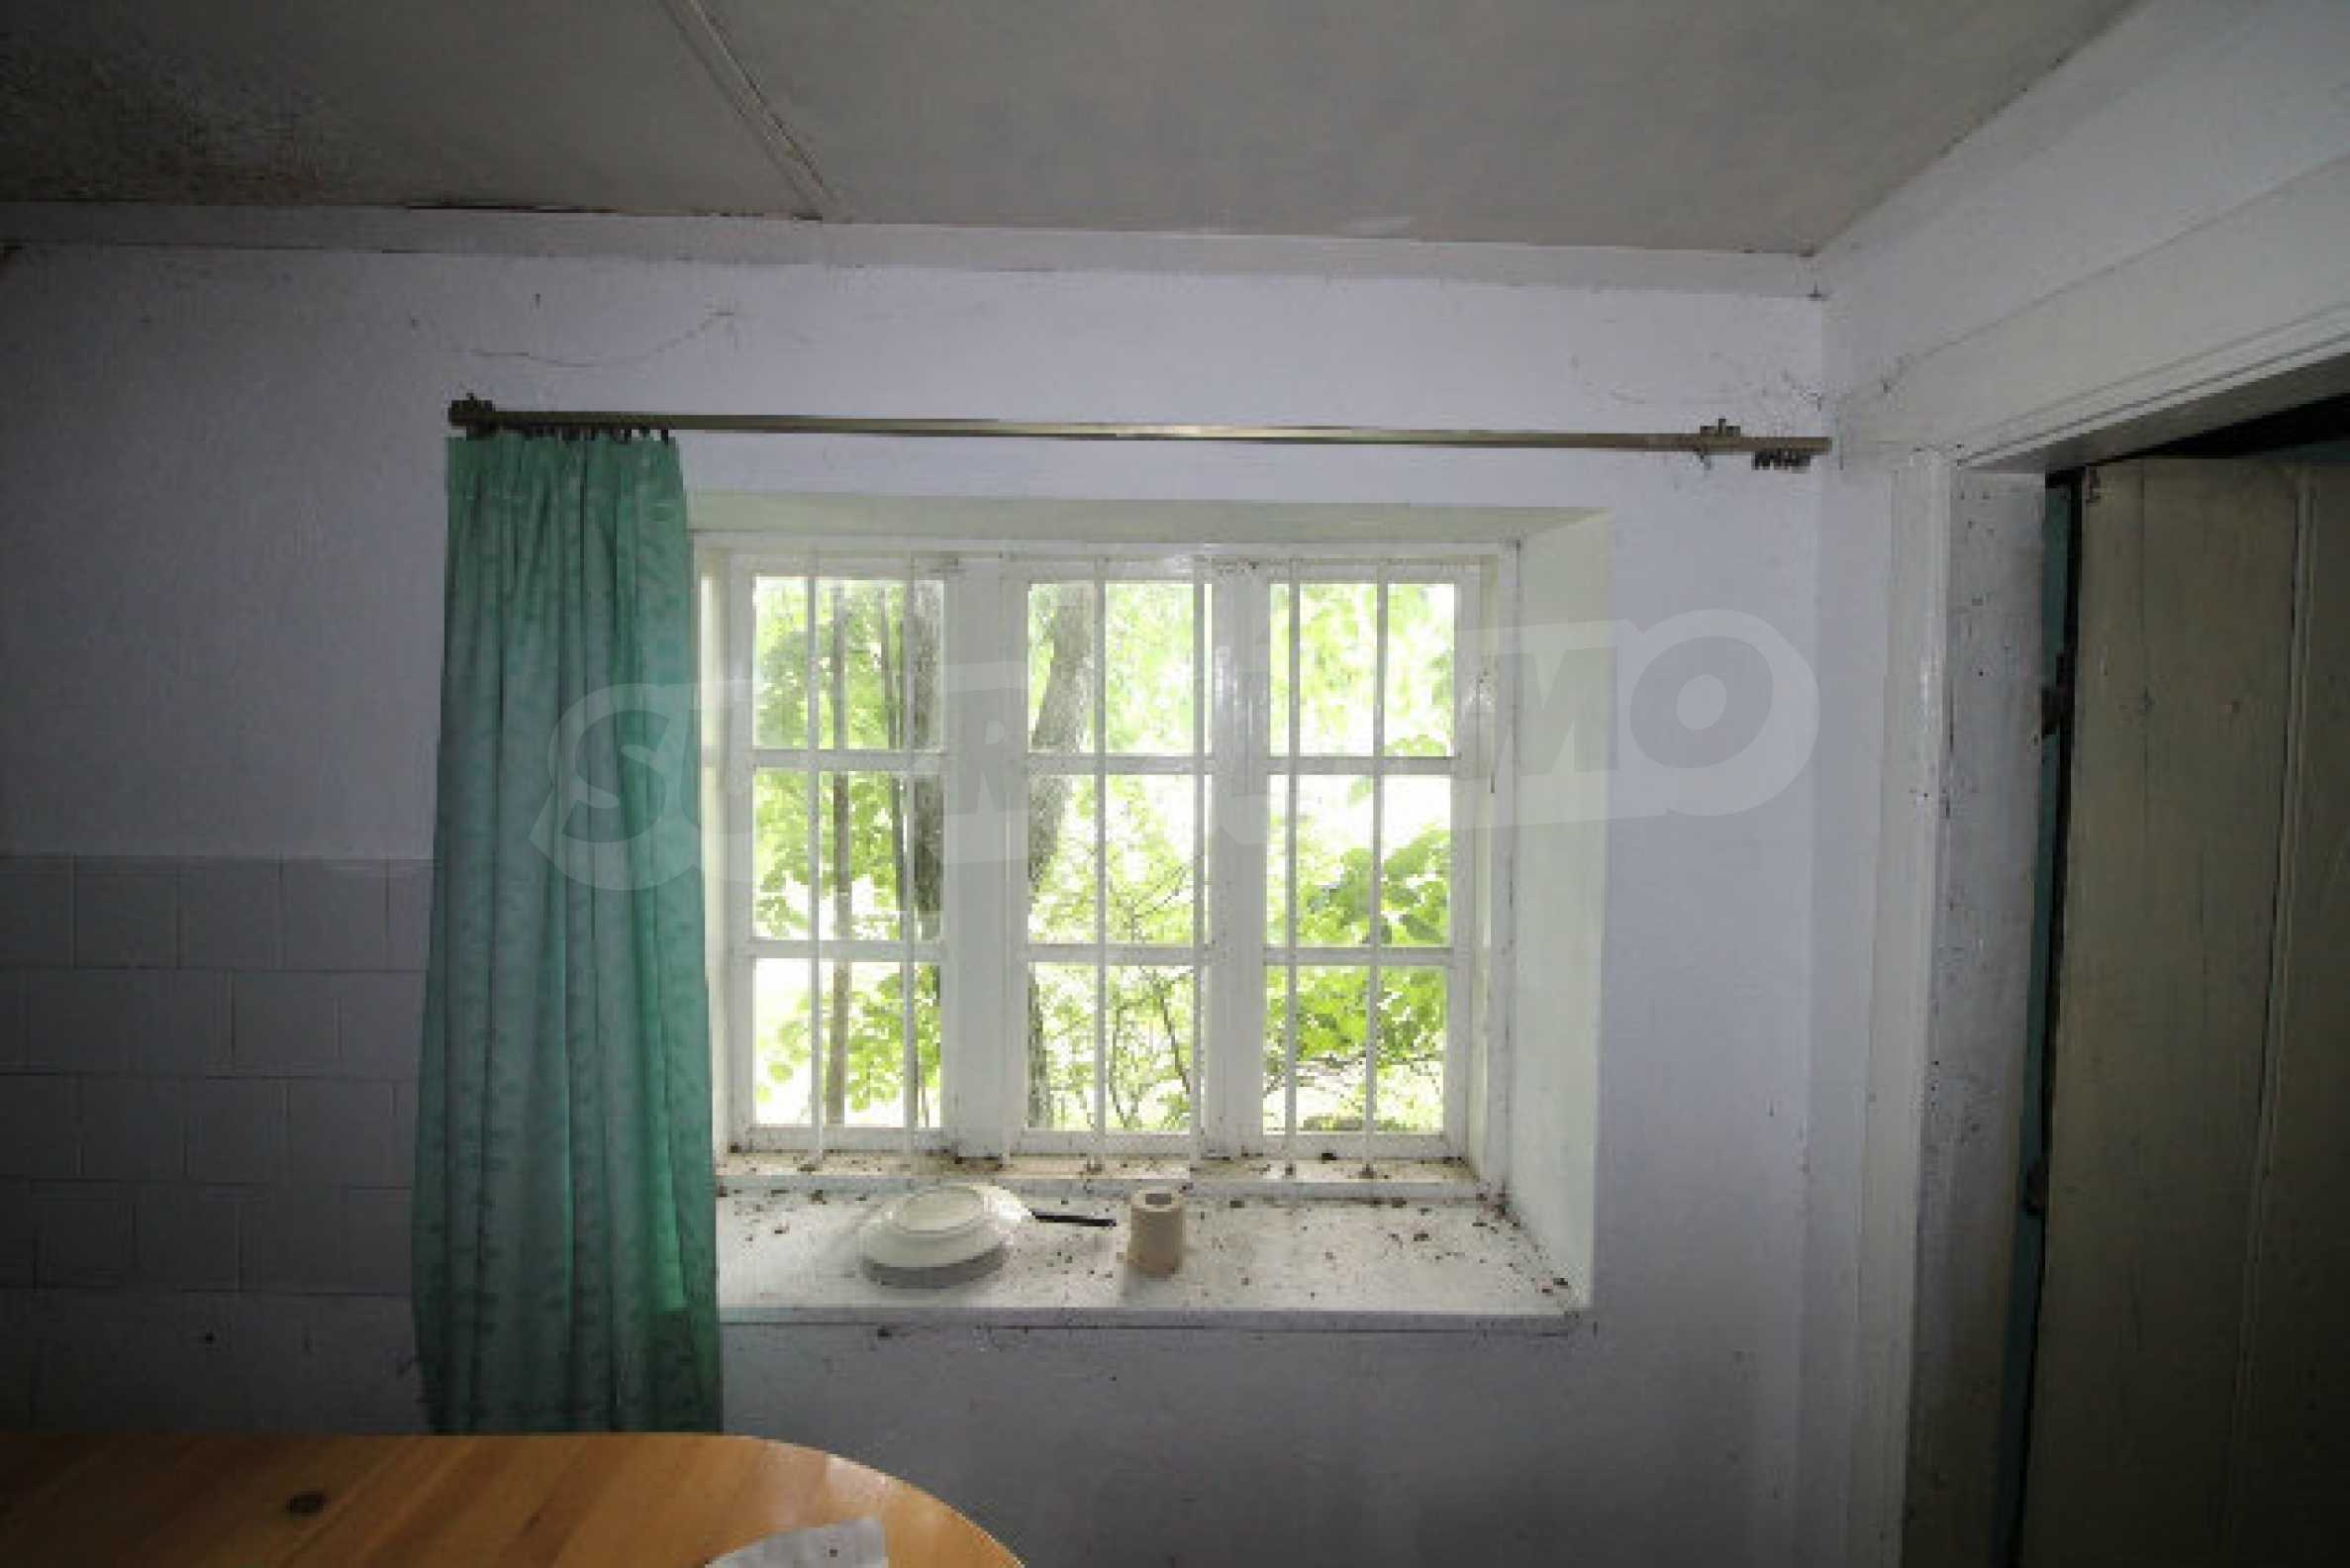 Къща за продажба близо до гр. Велико Търново 64